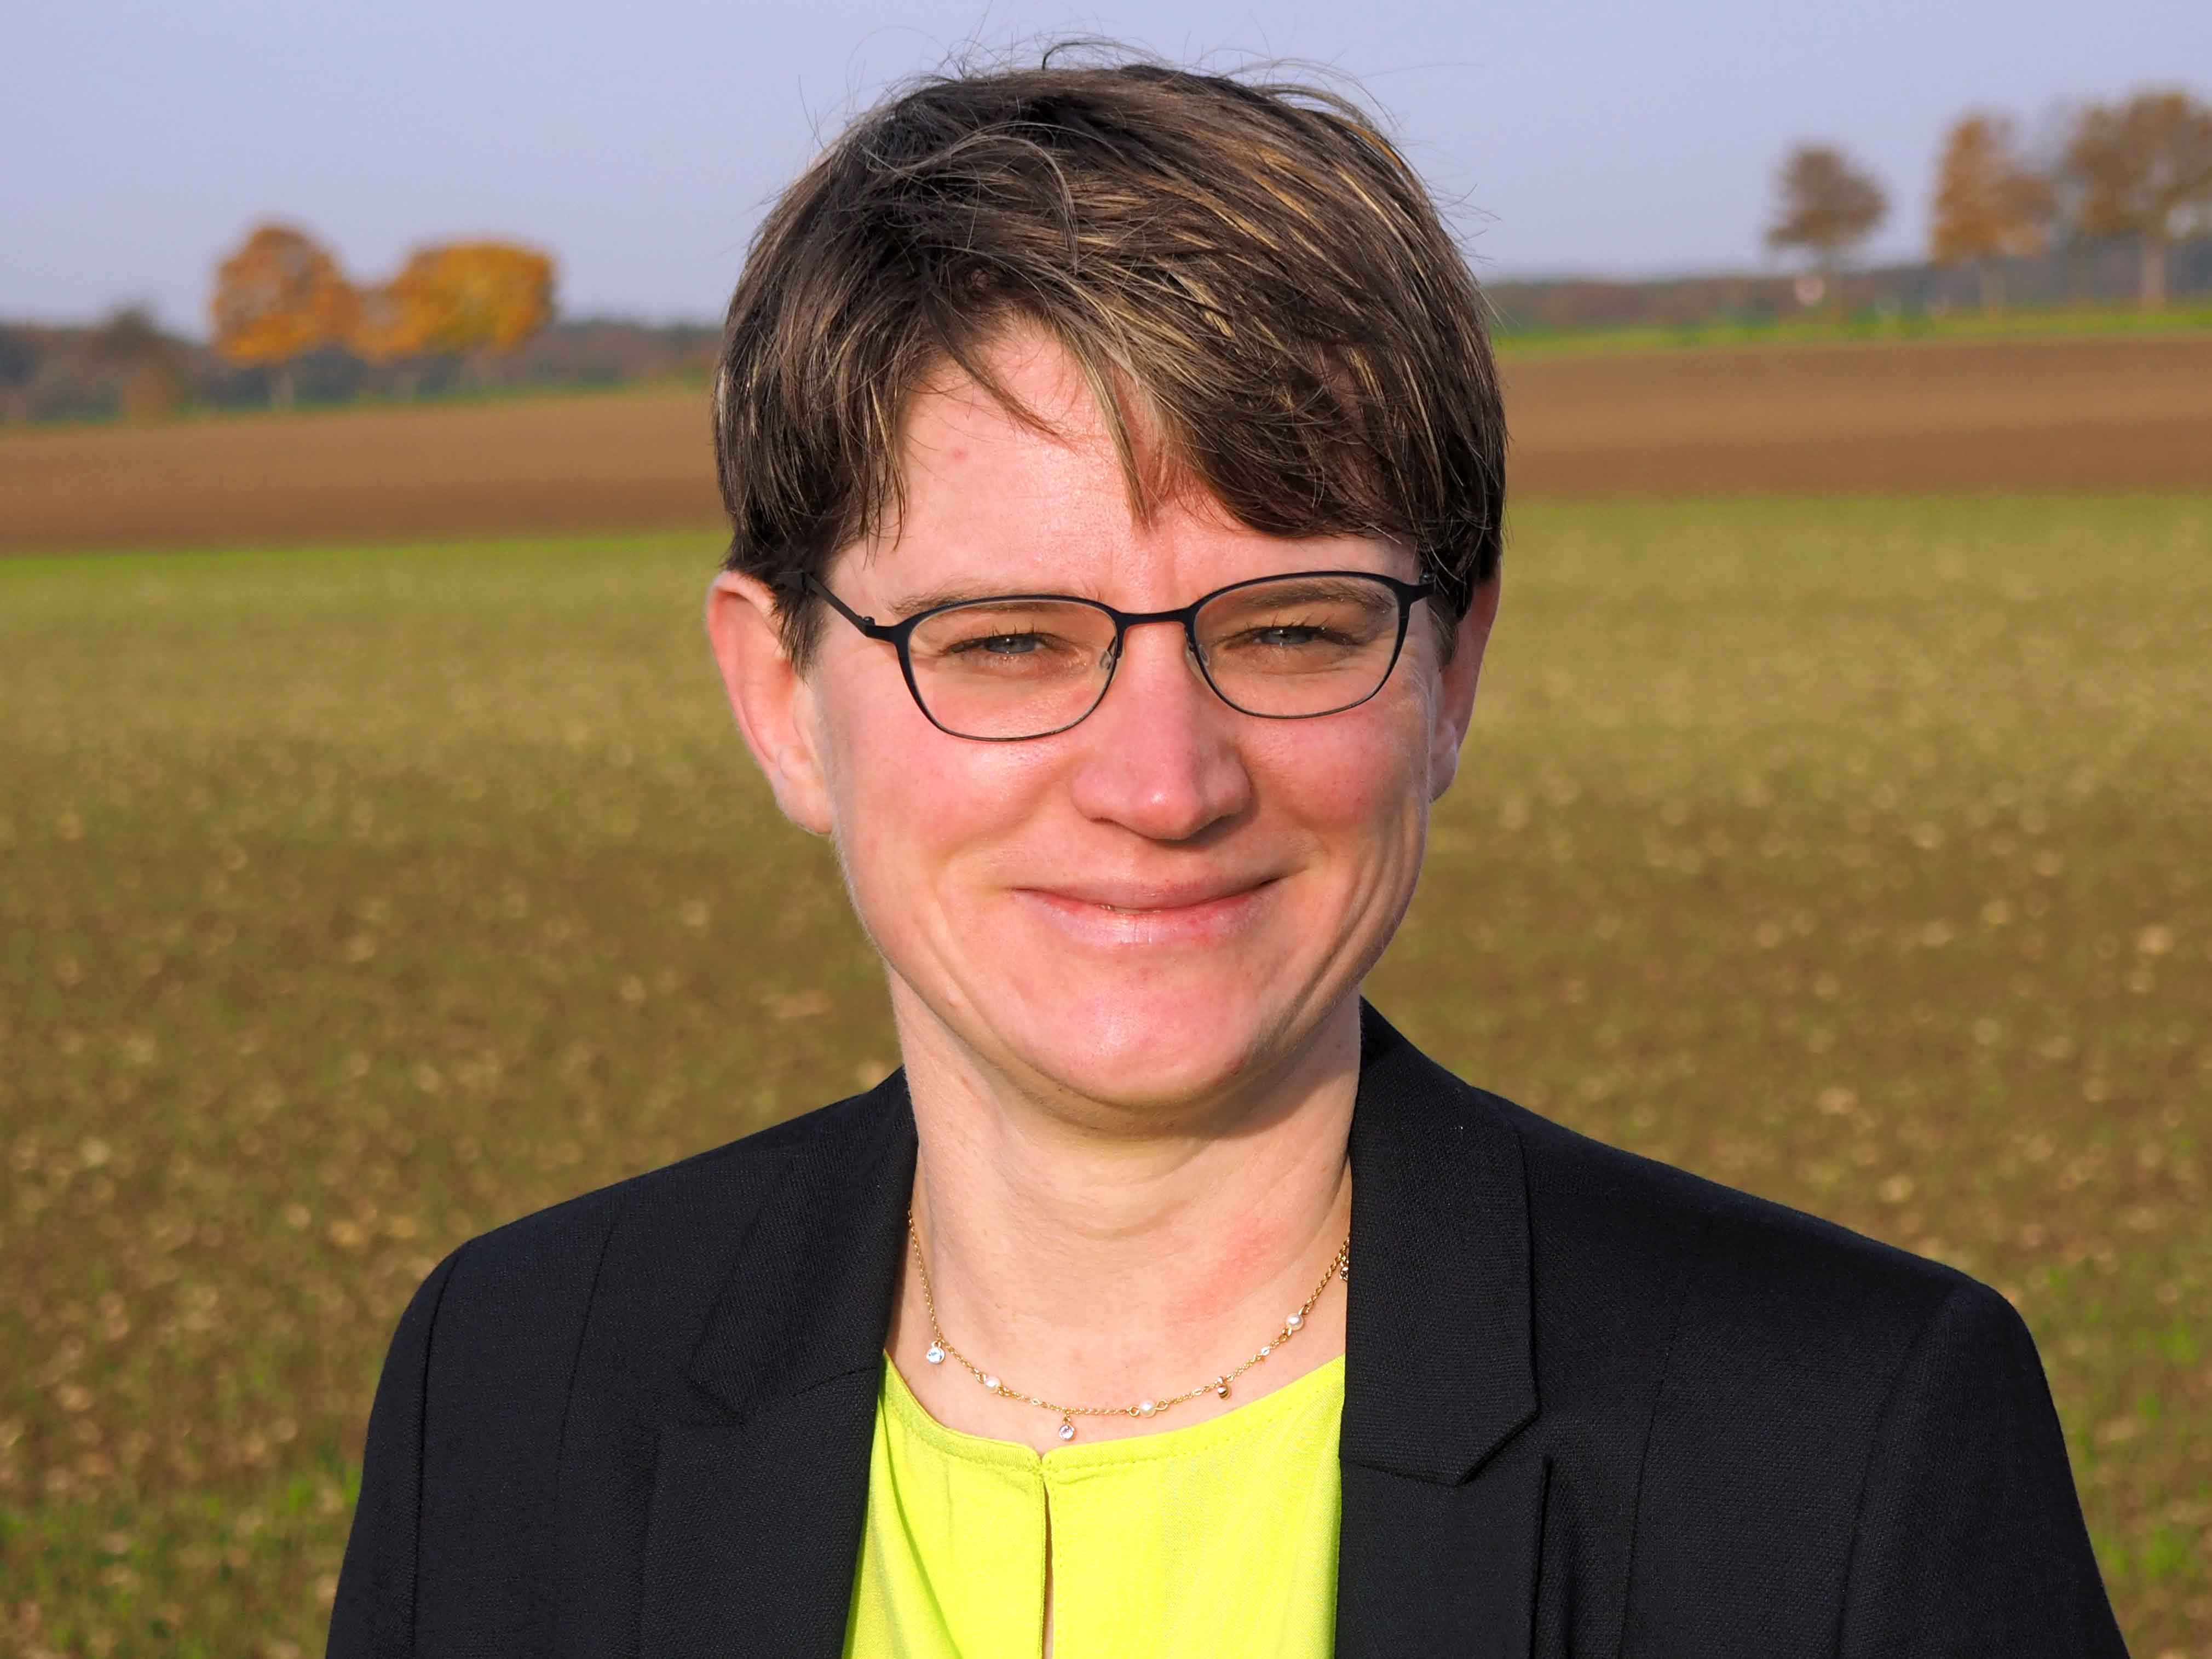 Maria Muther, ab Dezember neue Fachbereichsleitung Ehe-, Familien- und Lebensberatung im Bistum Augsburg. (Foto: privat)